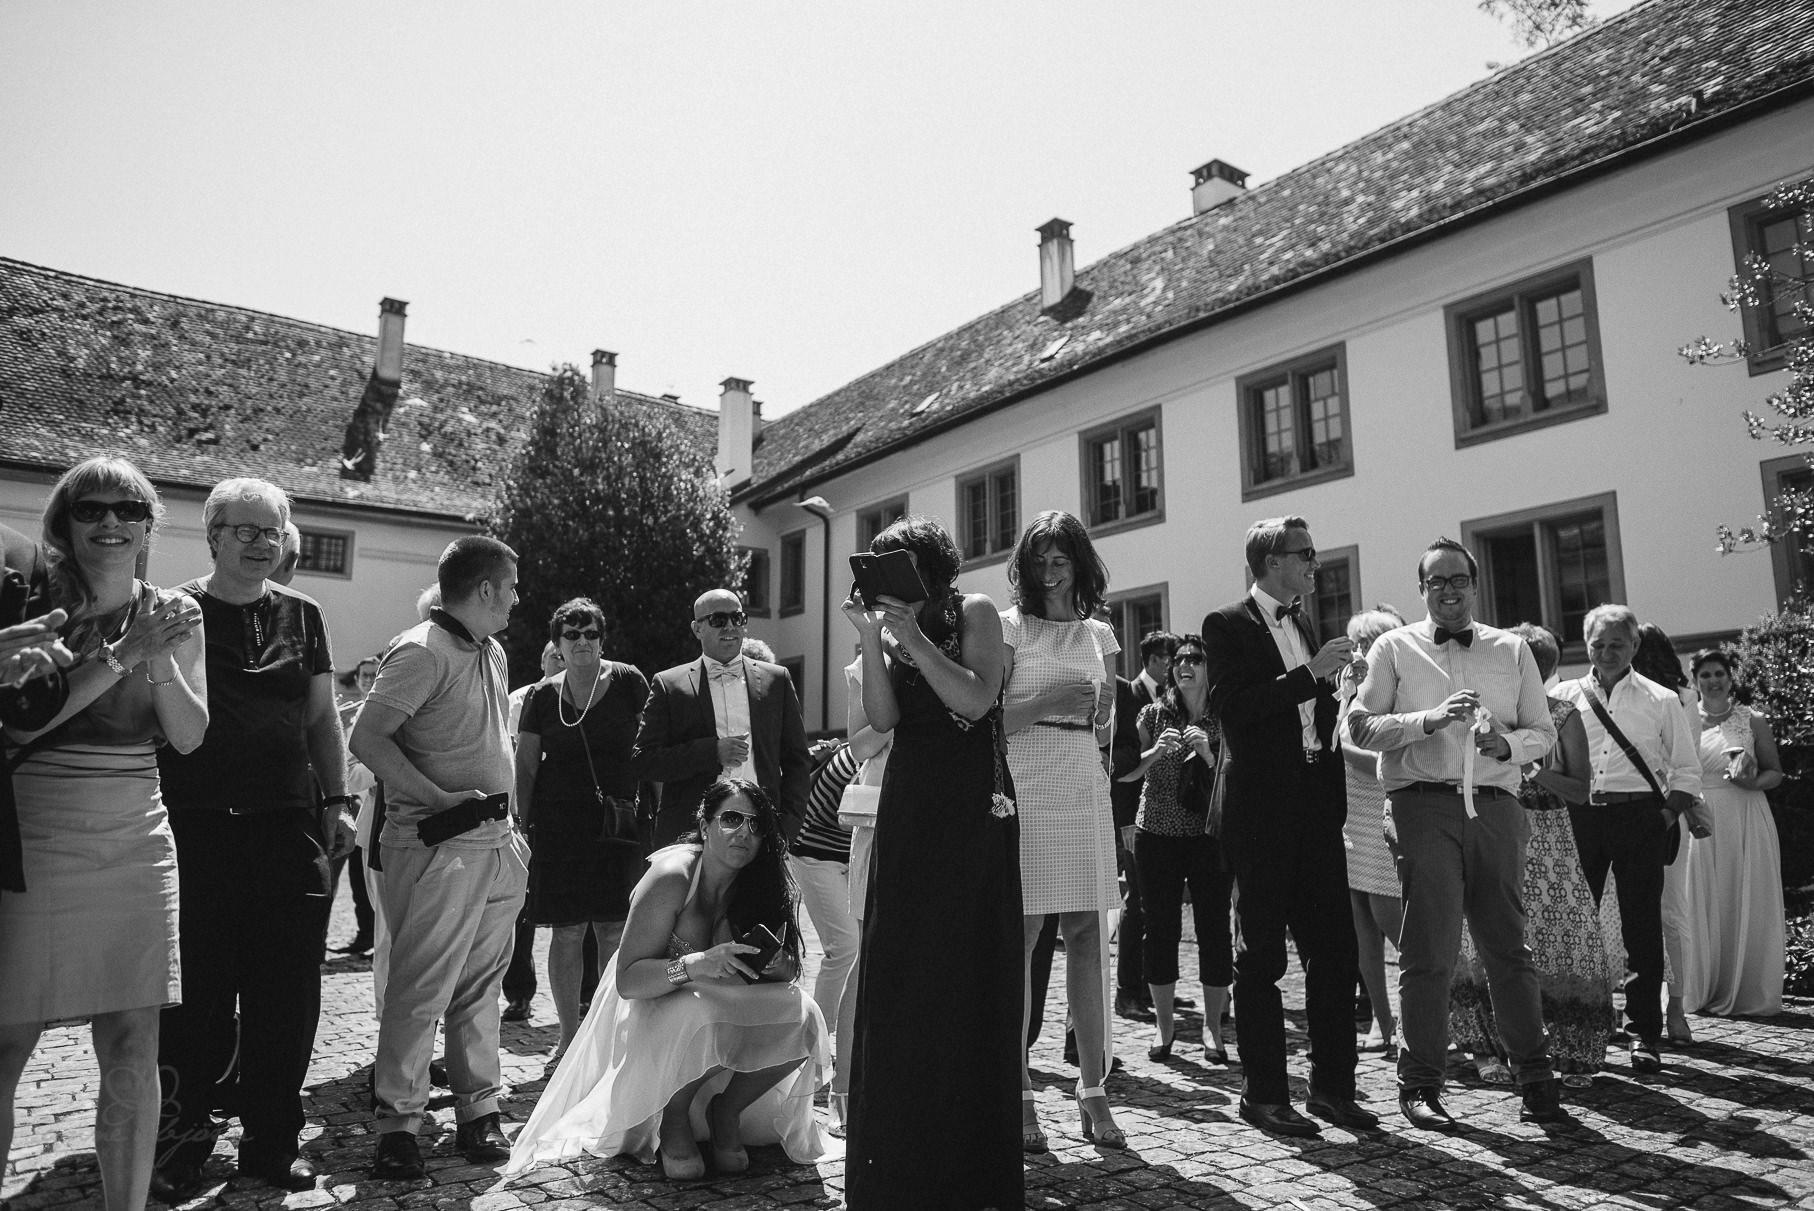 0061 anne und bjoern hochzeit schweiz d75 0324 - DIY Hochzeit in der Schweiz - Sabrina & Christoph